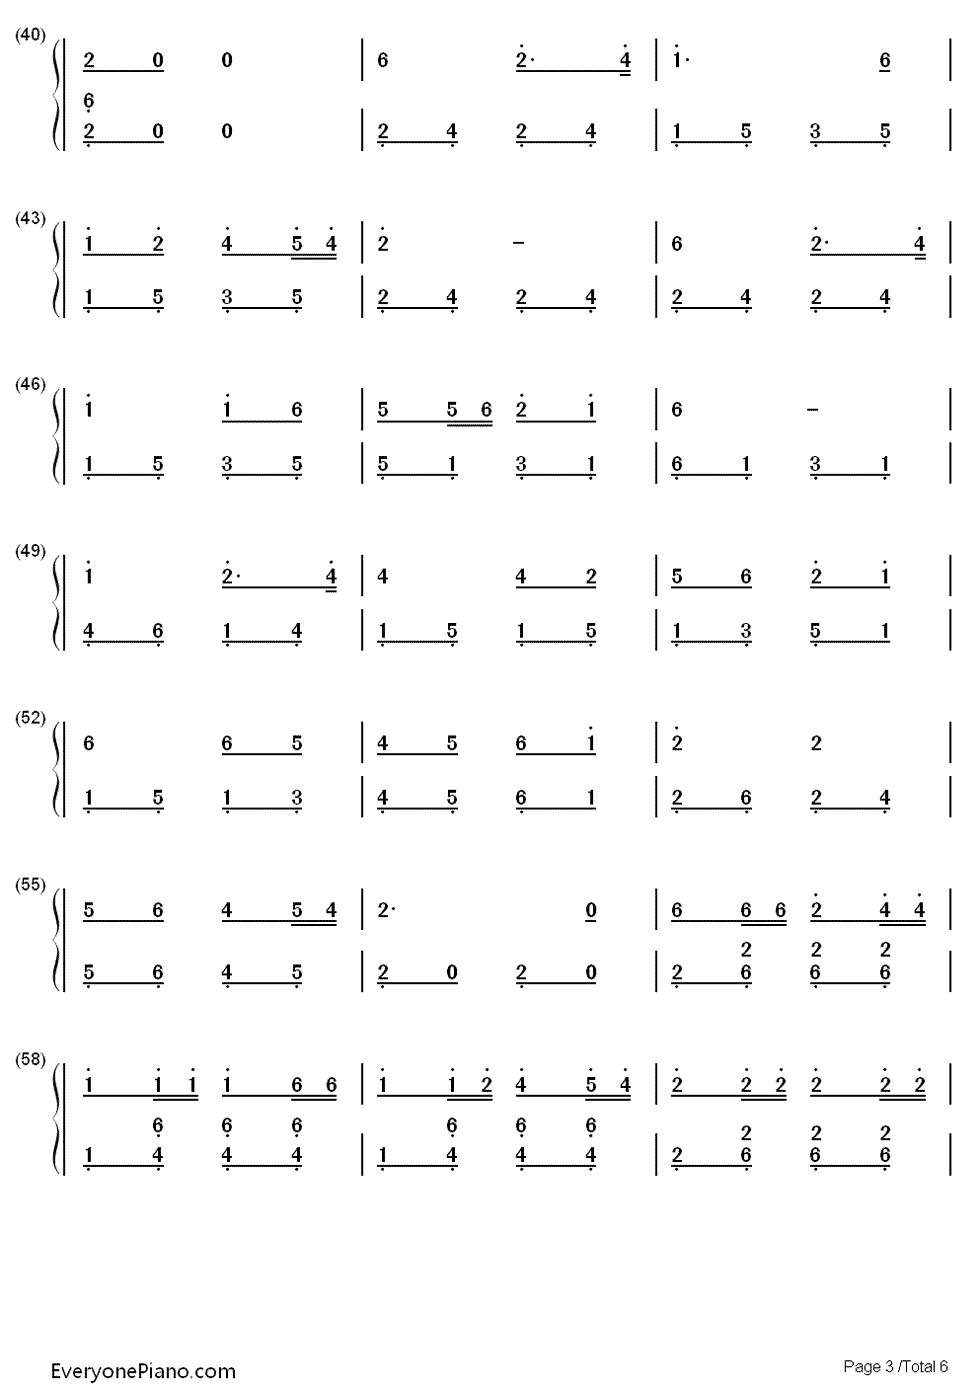 赛马双手简谱预览3-钢琴谱档(五线谱,双手简谱,数位谱